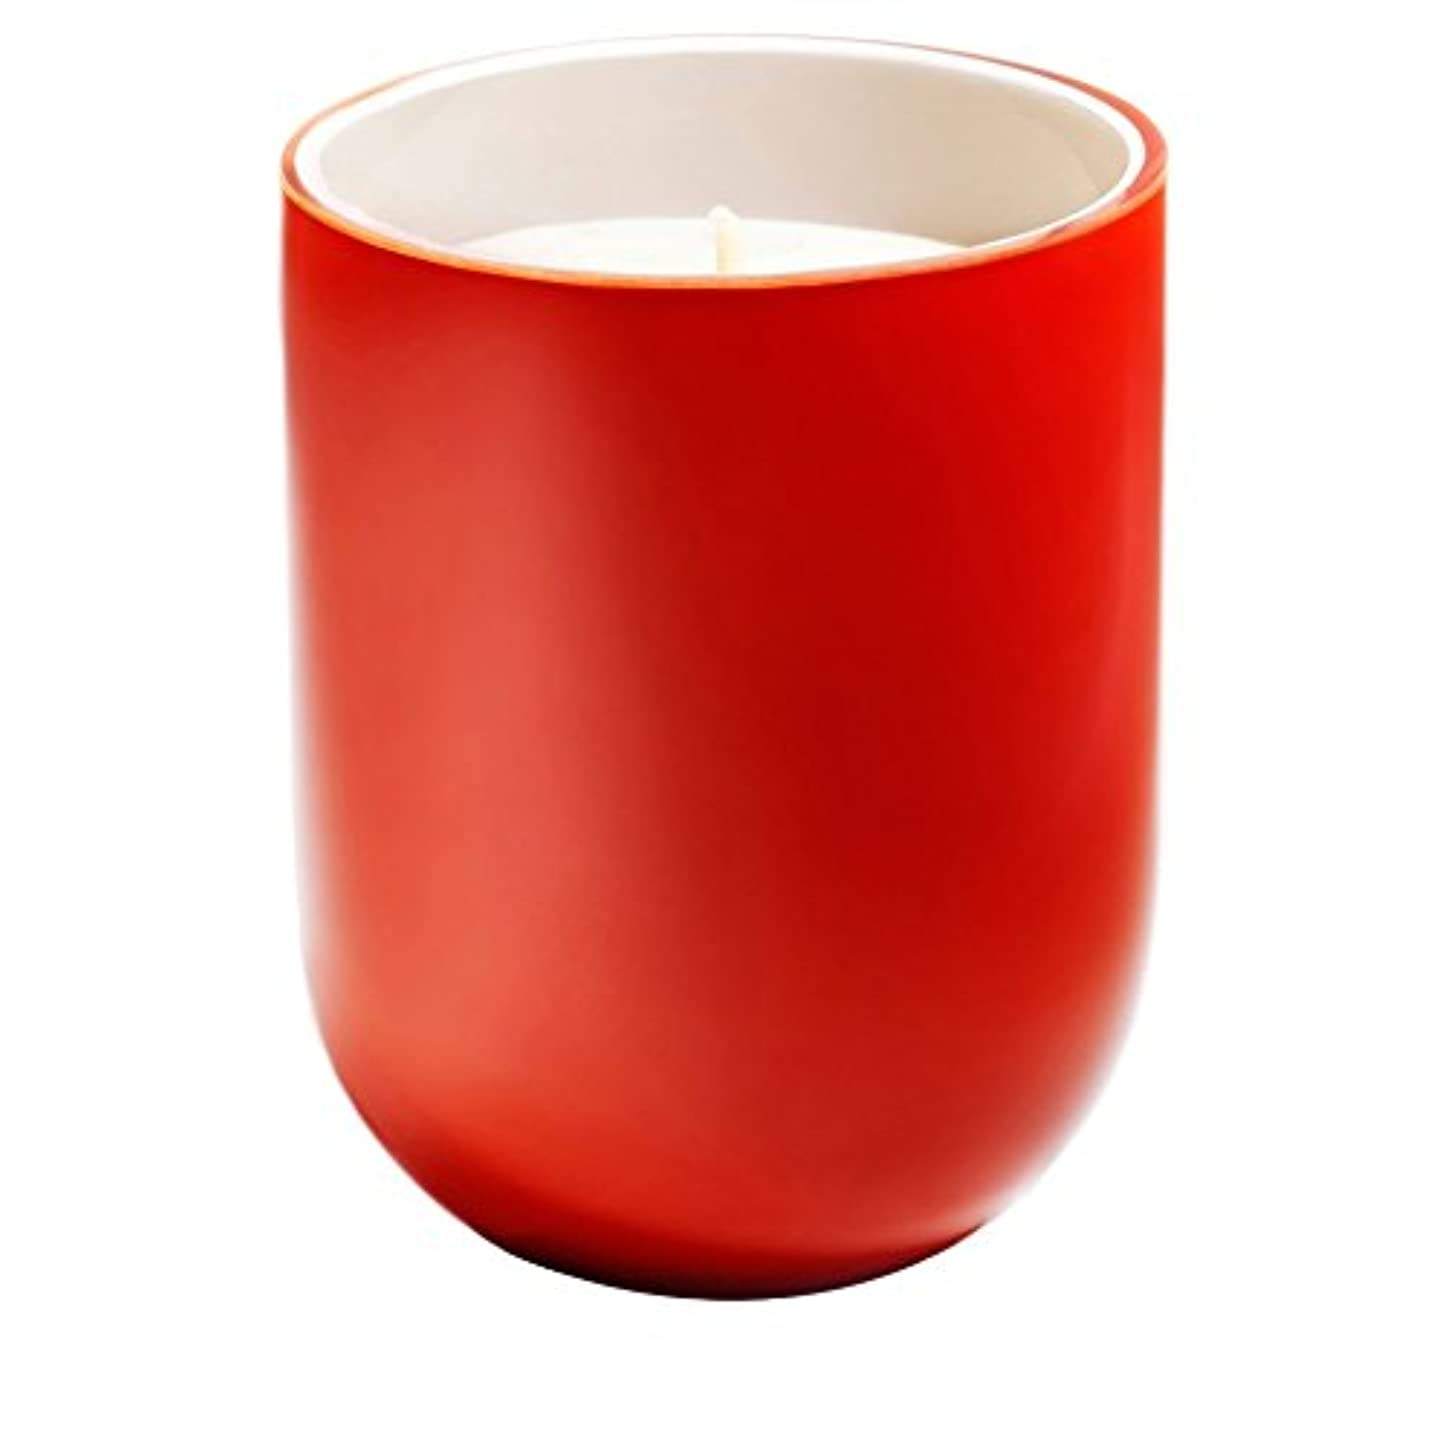 鼓舞する主婦フォームフレデリック?マル国連ガーデニア?ラ?ニュイ香りのキャンドル x6 - Frederic Malle Un Gard?nia La Nuit Scented Candle (Pack of 6) [並行輸入品]